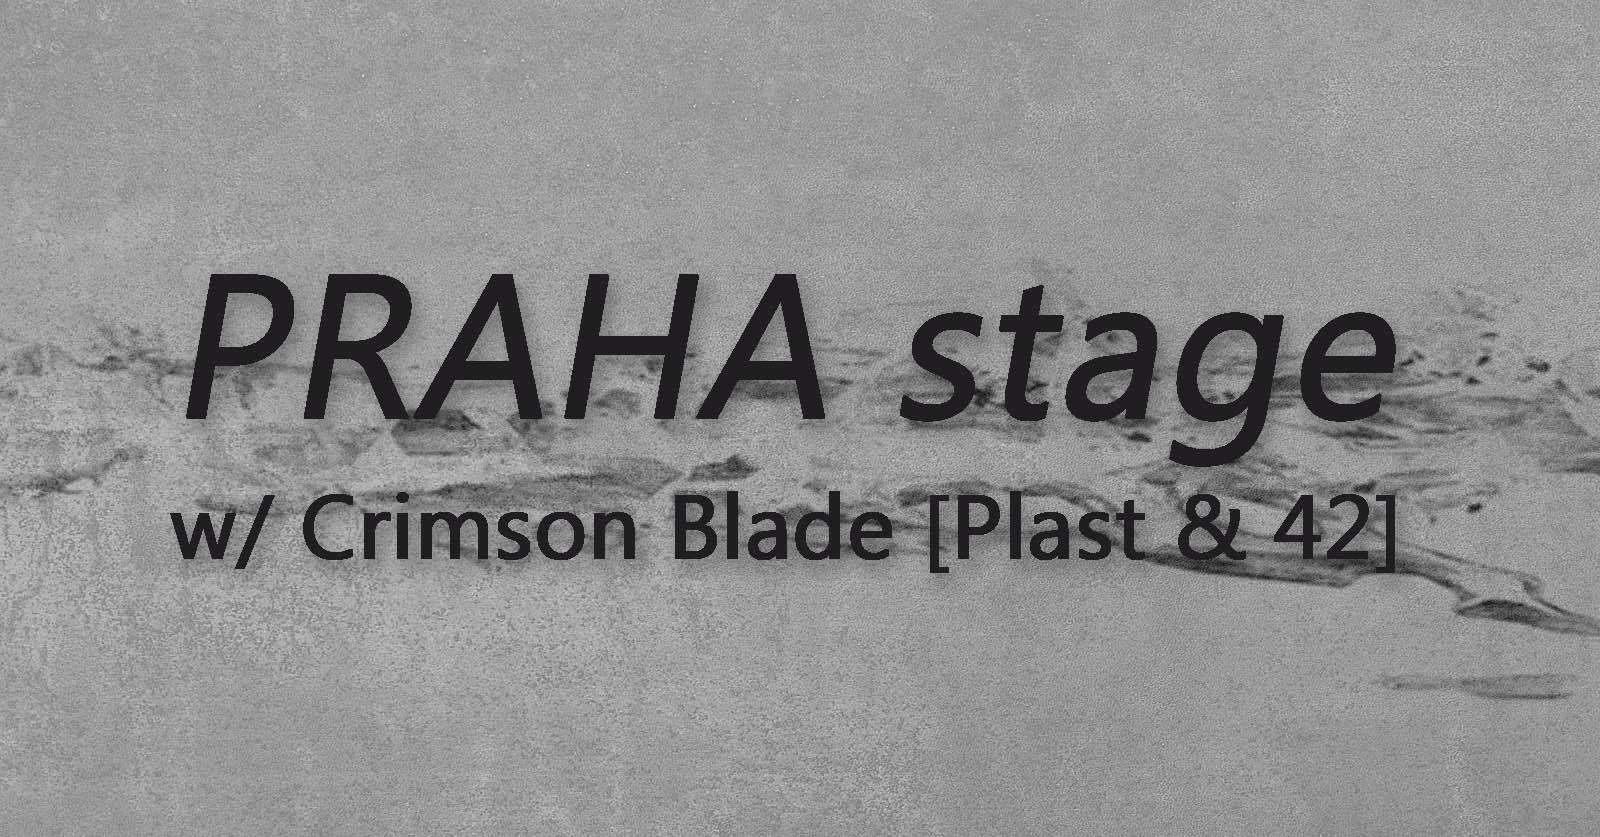 ST / 31.7. / 18.00 / PRAHA stage w/ Crimson Blade / dj set